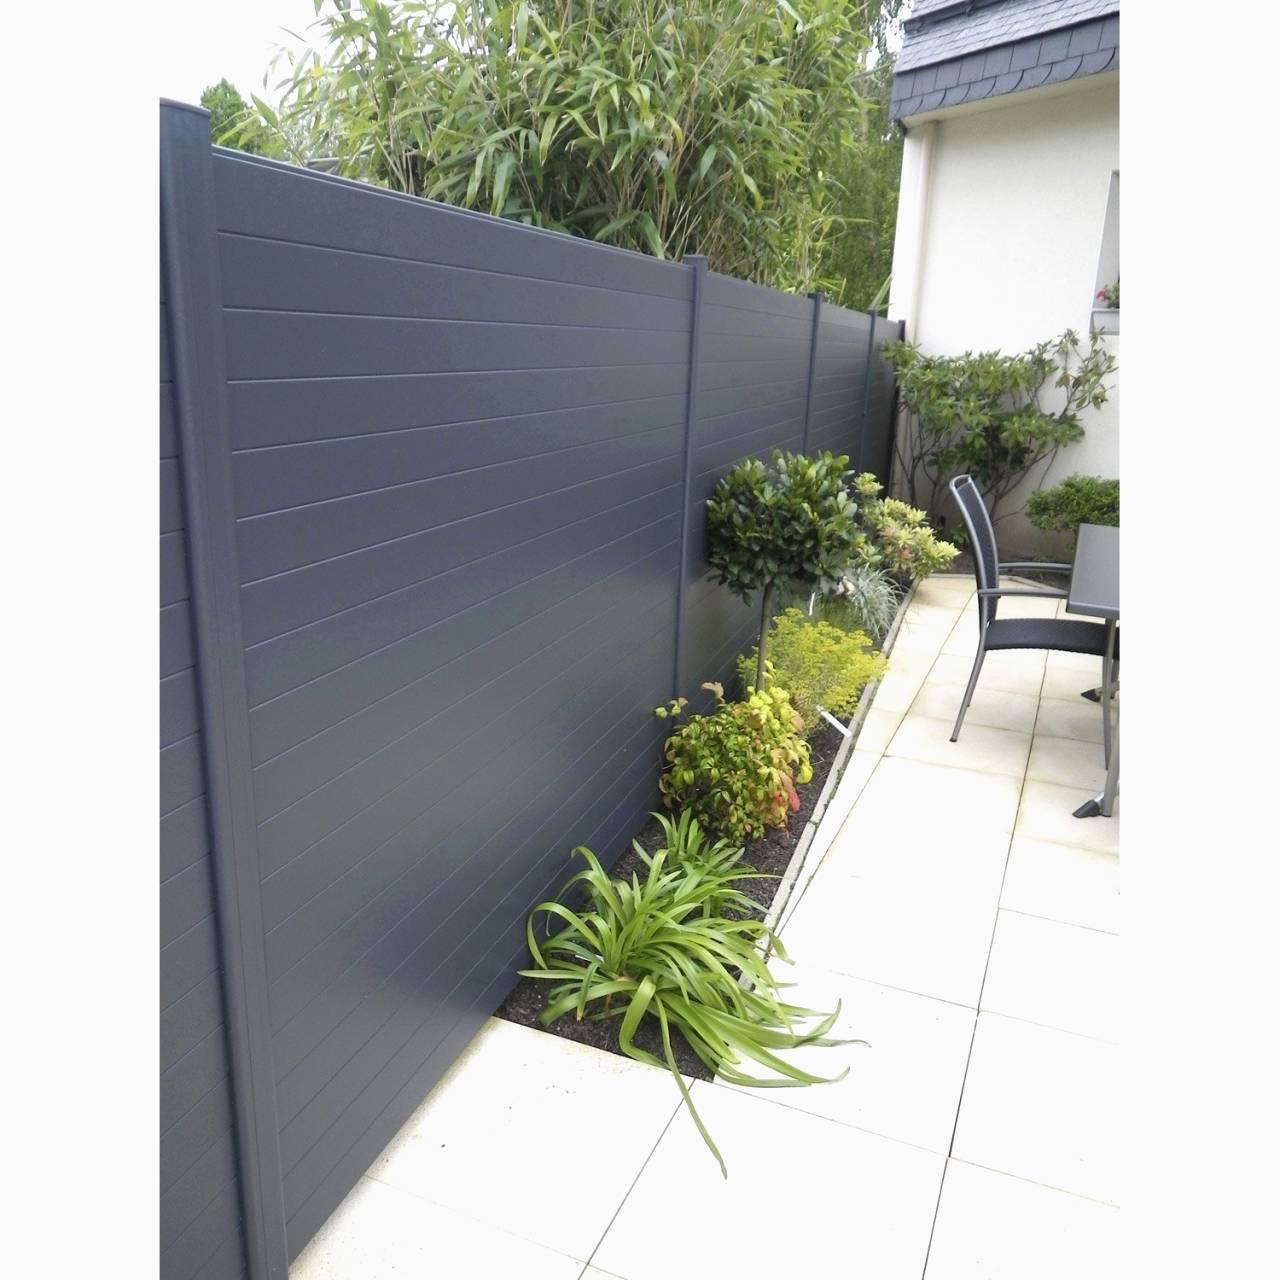 barriere jardin